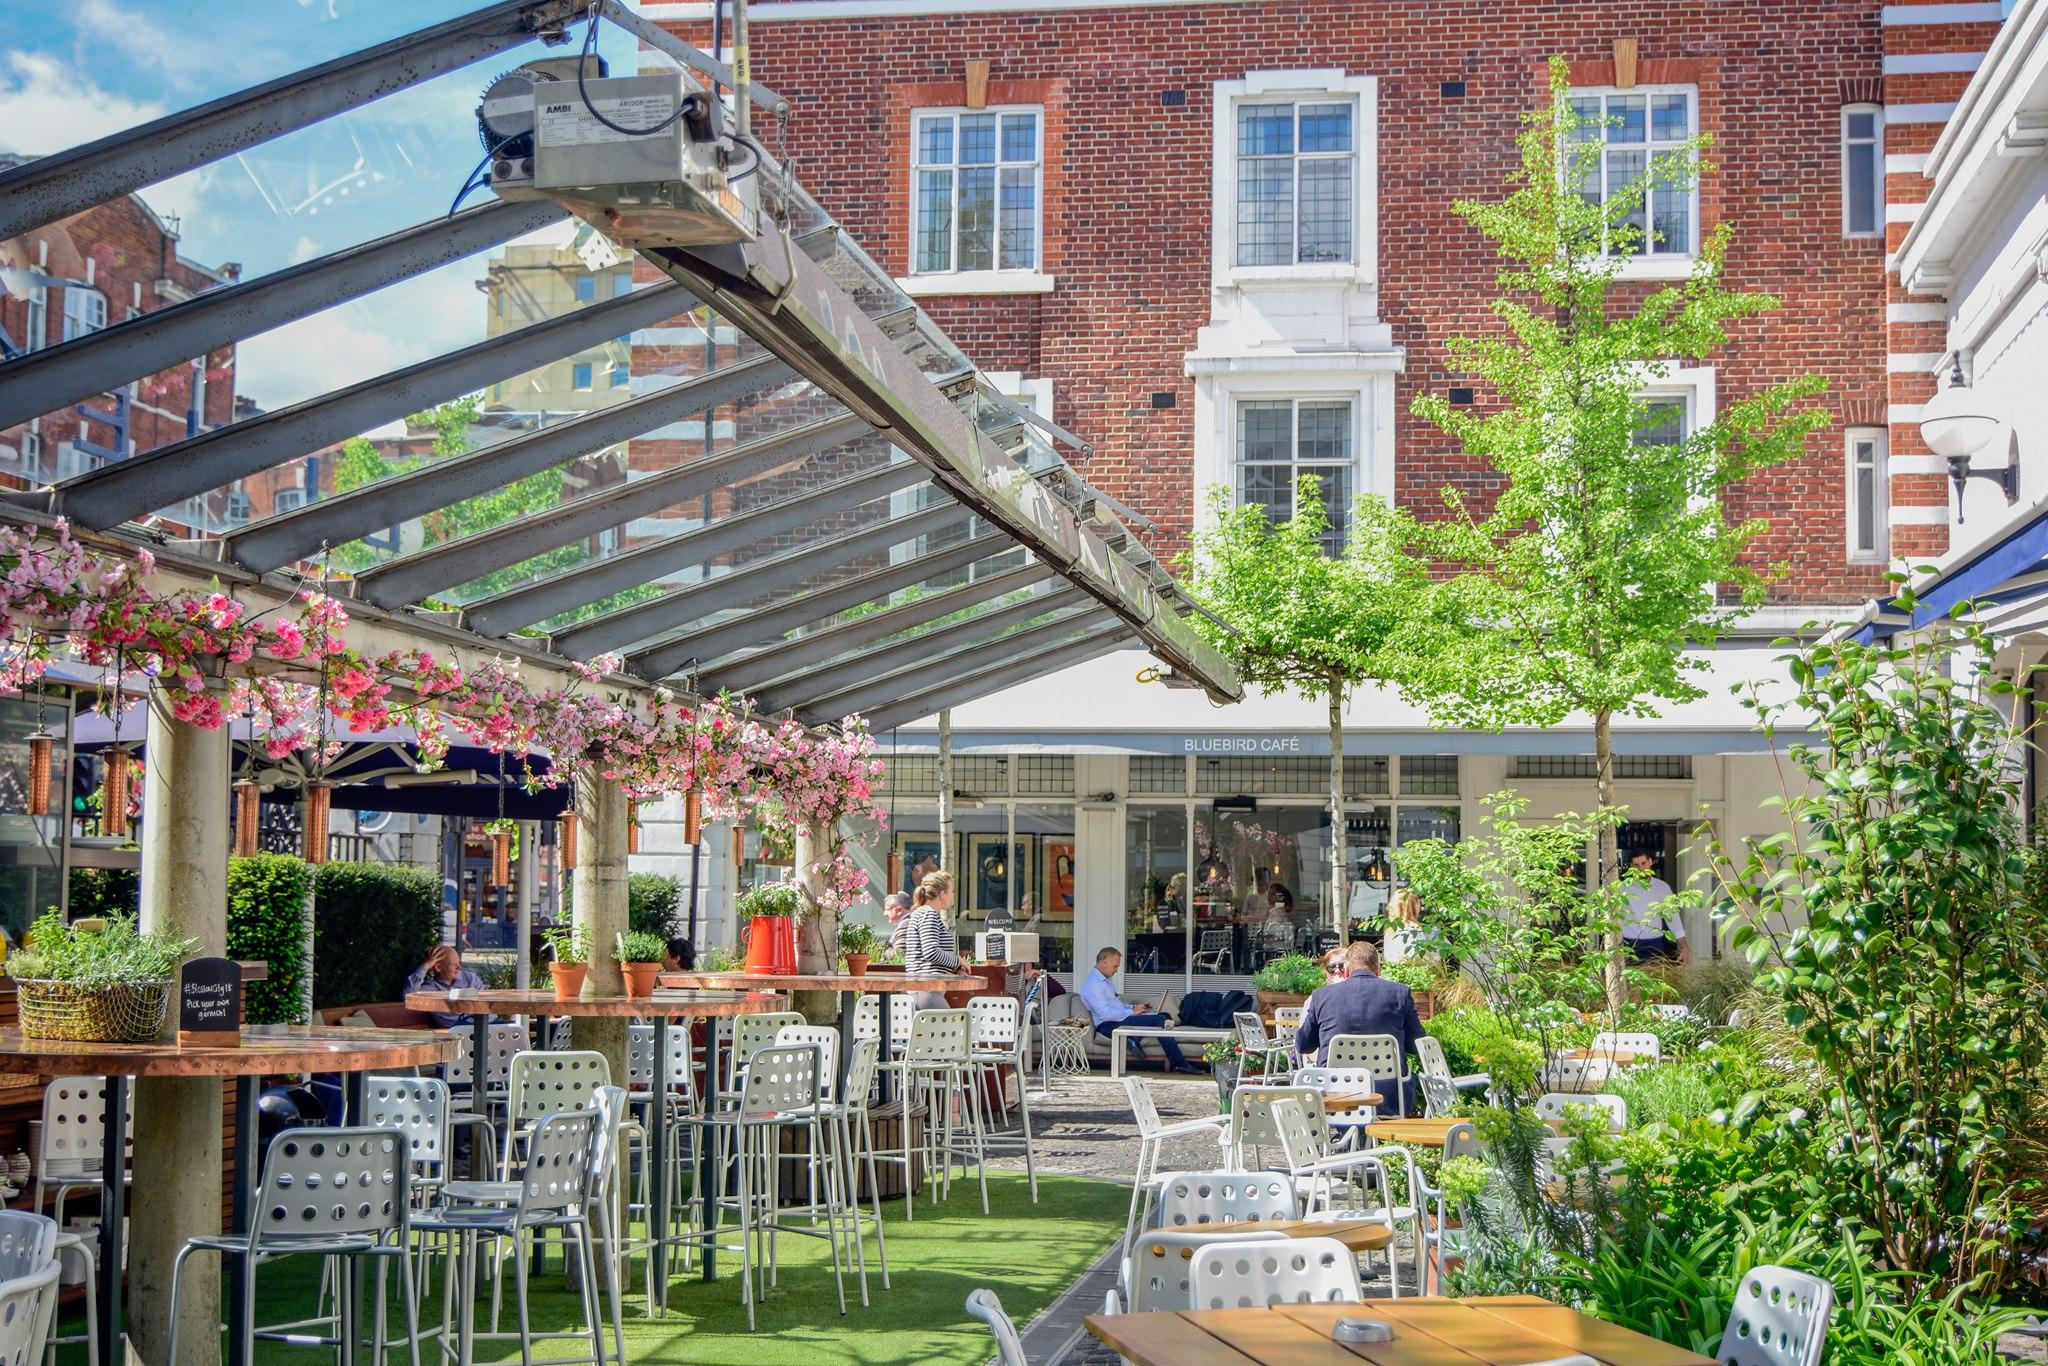 Bluebird Cafe in Chelsea, London